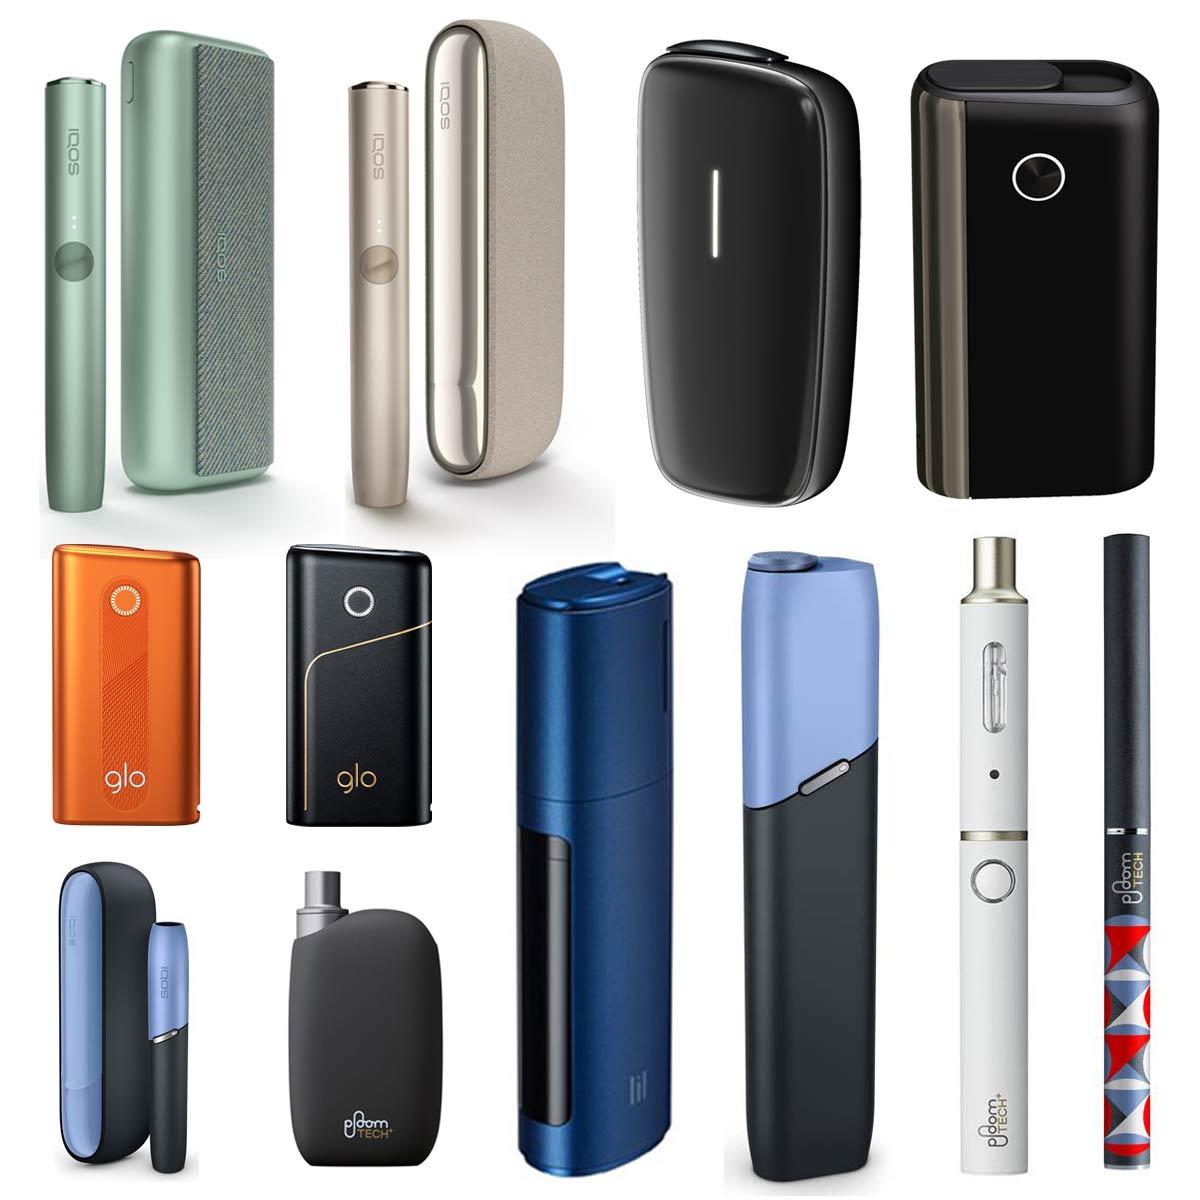 アイコス、グロー、プルーム、パルズ を比較! 加熱式タバコの現状まとめ《2020年最新》